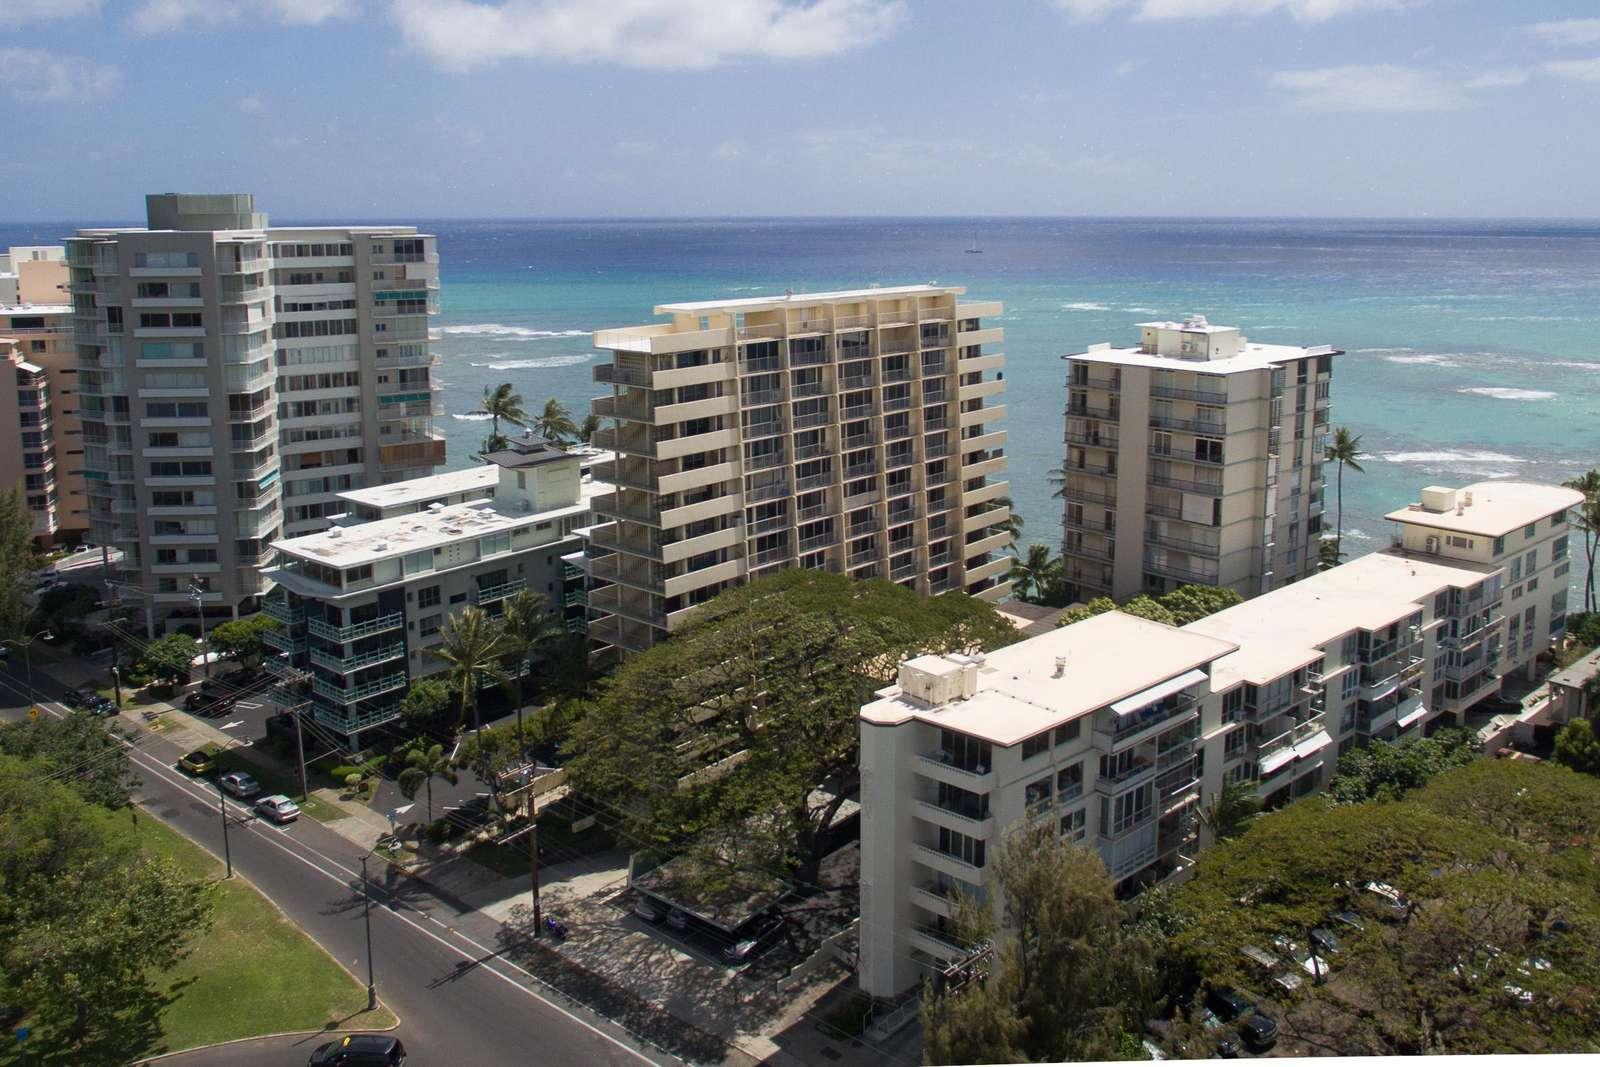 Iconic 'Gold Coast' landmark.